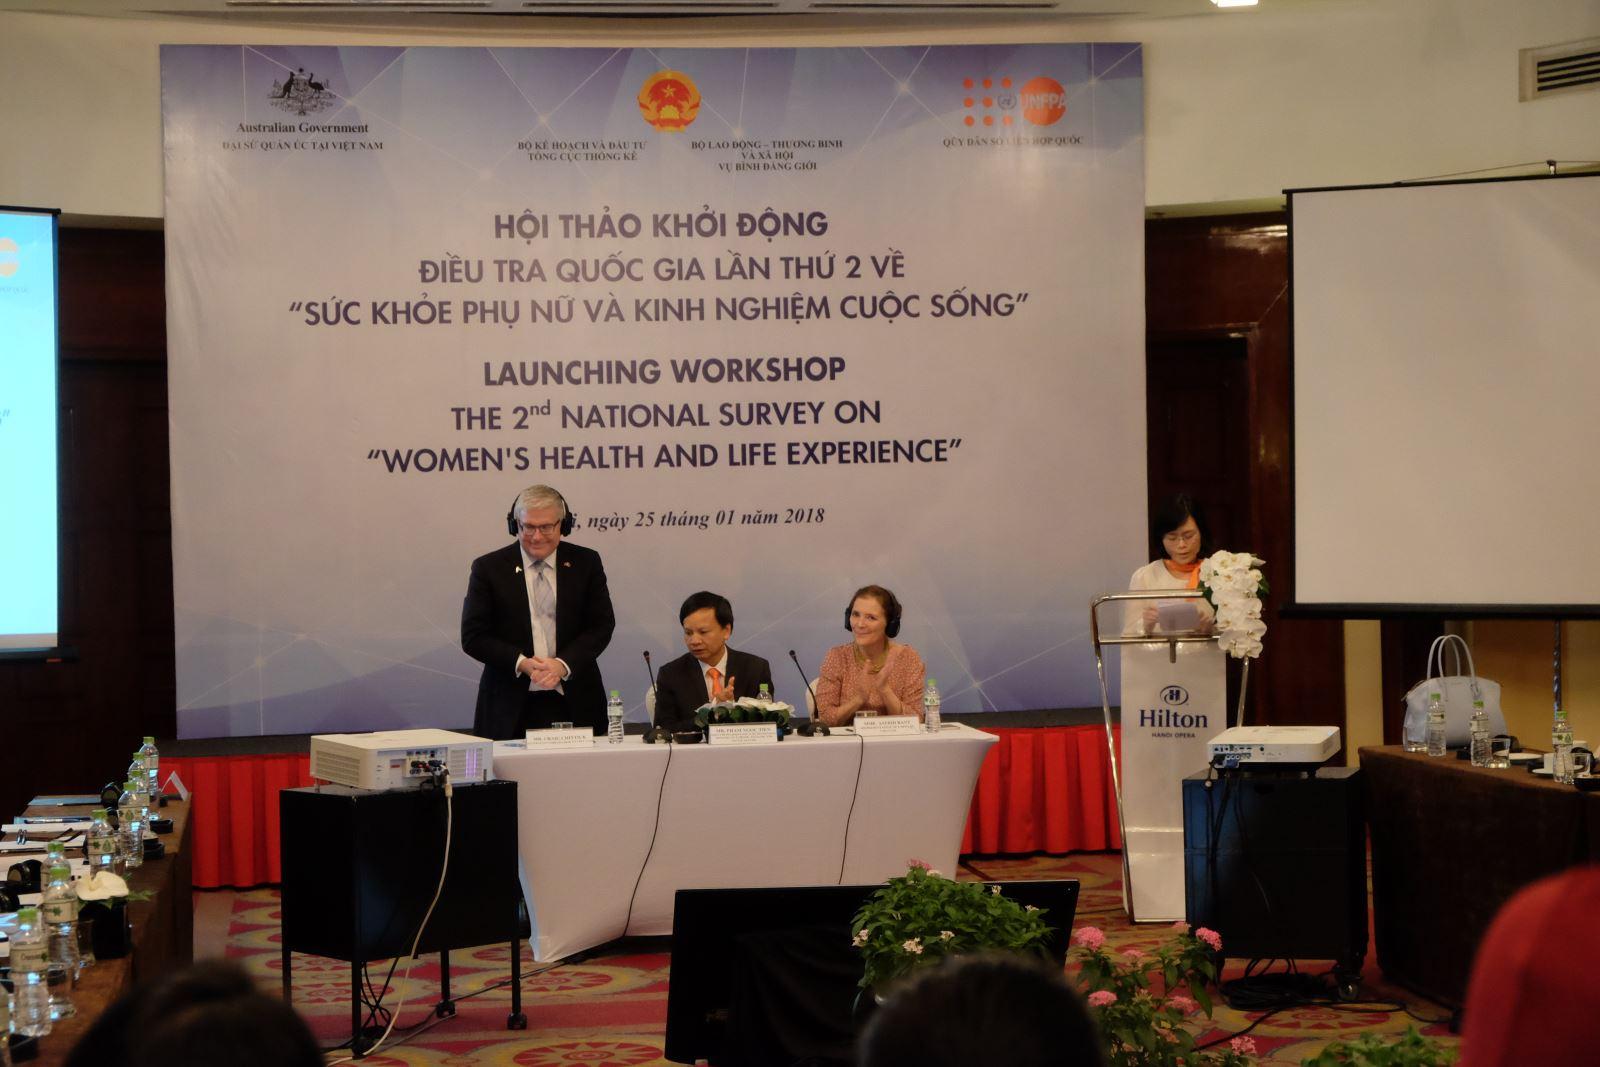 """Khởi động Điều tra quốc gia lần thứ 2 về """"Sức khỏe phụ nữ và kinh nghiệm cuộc sống"""" tại Việt Nam"""